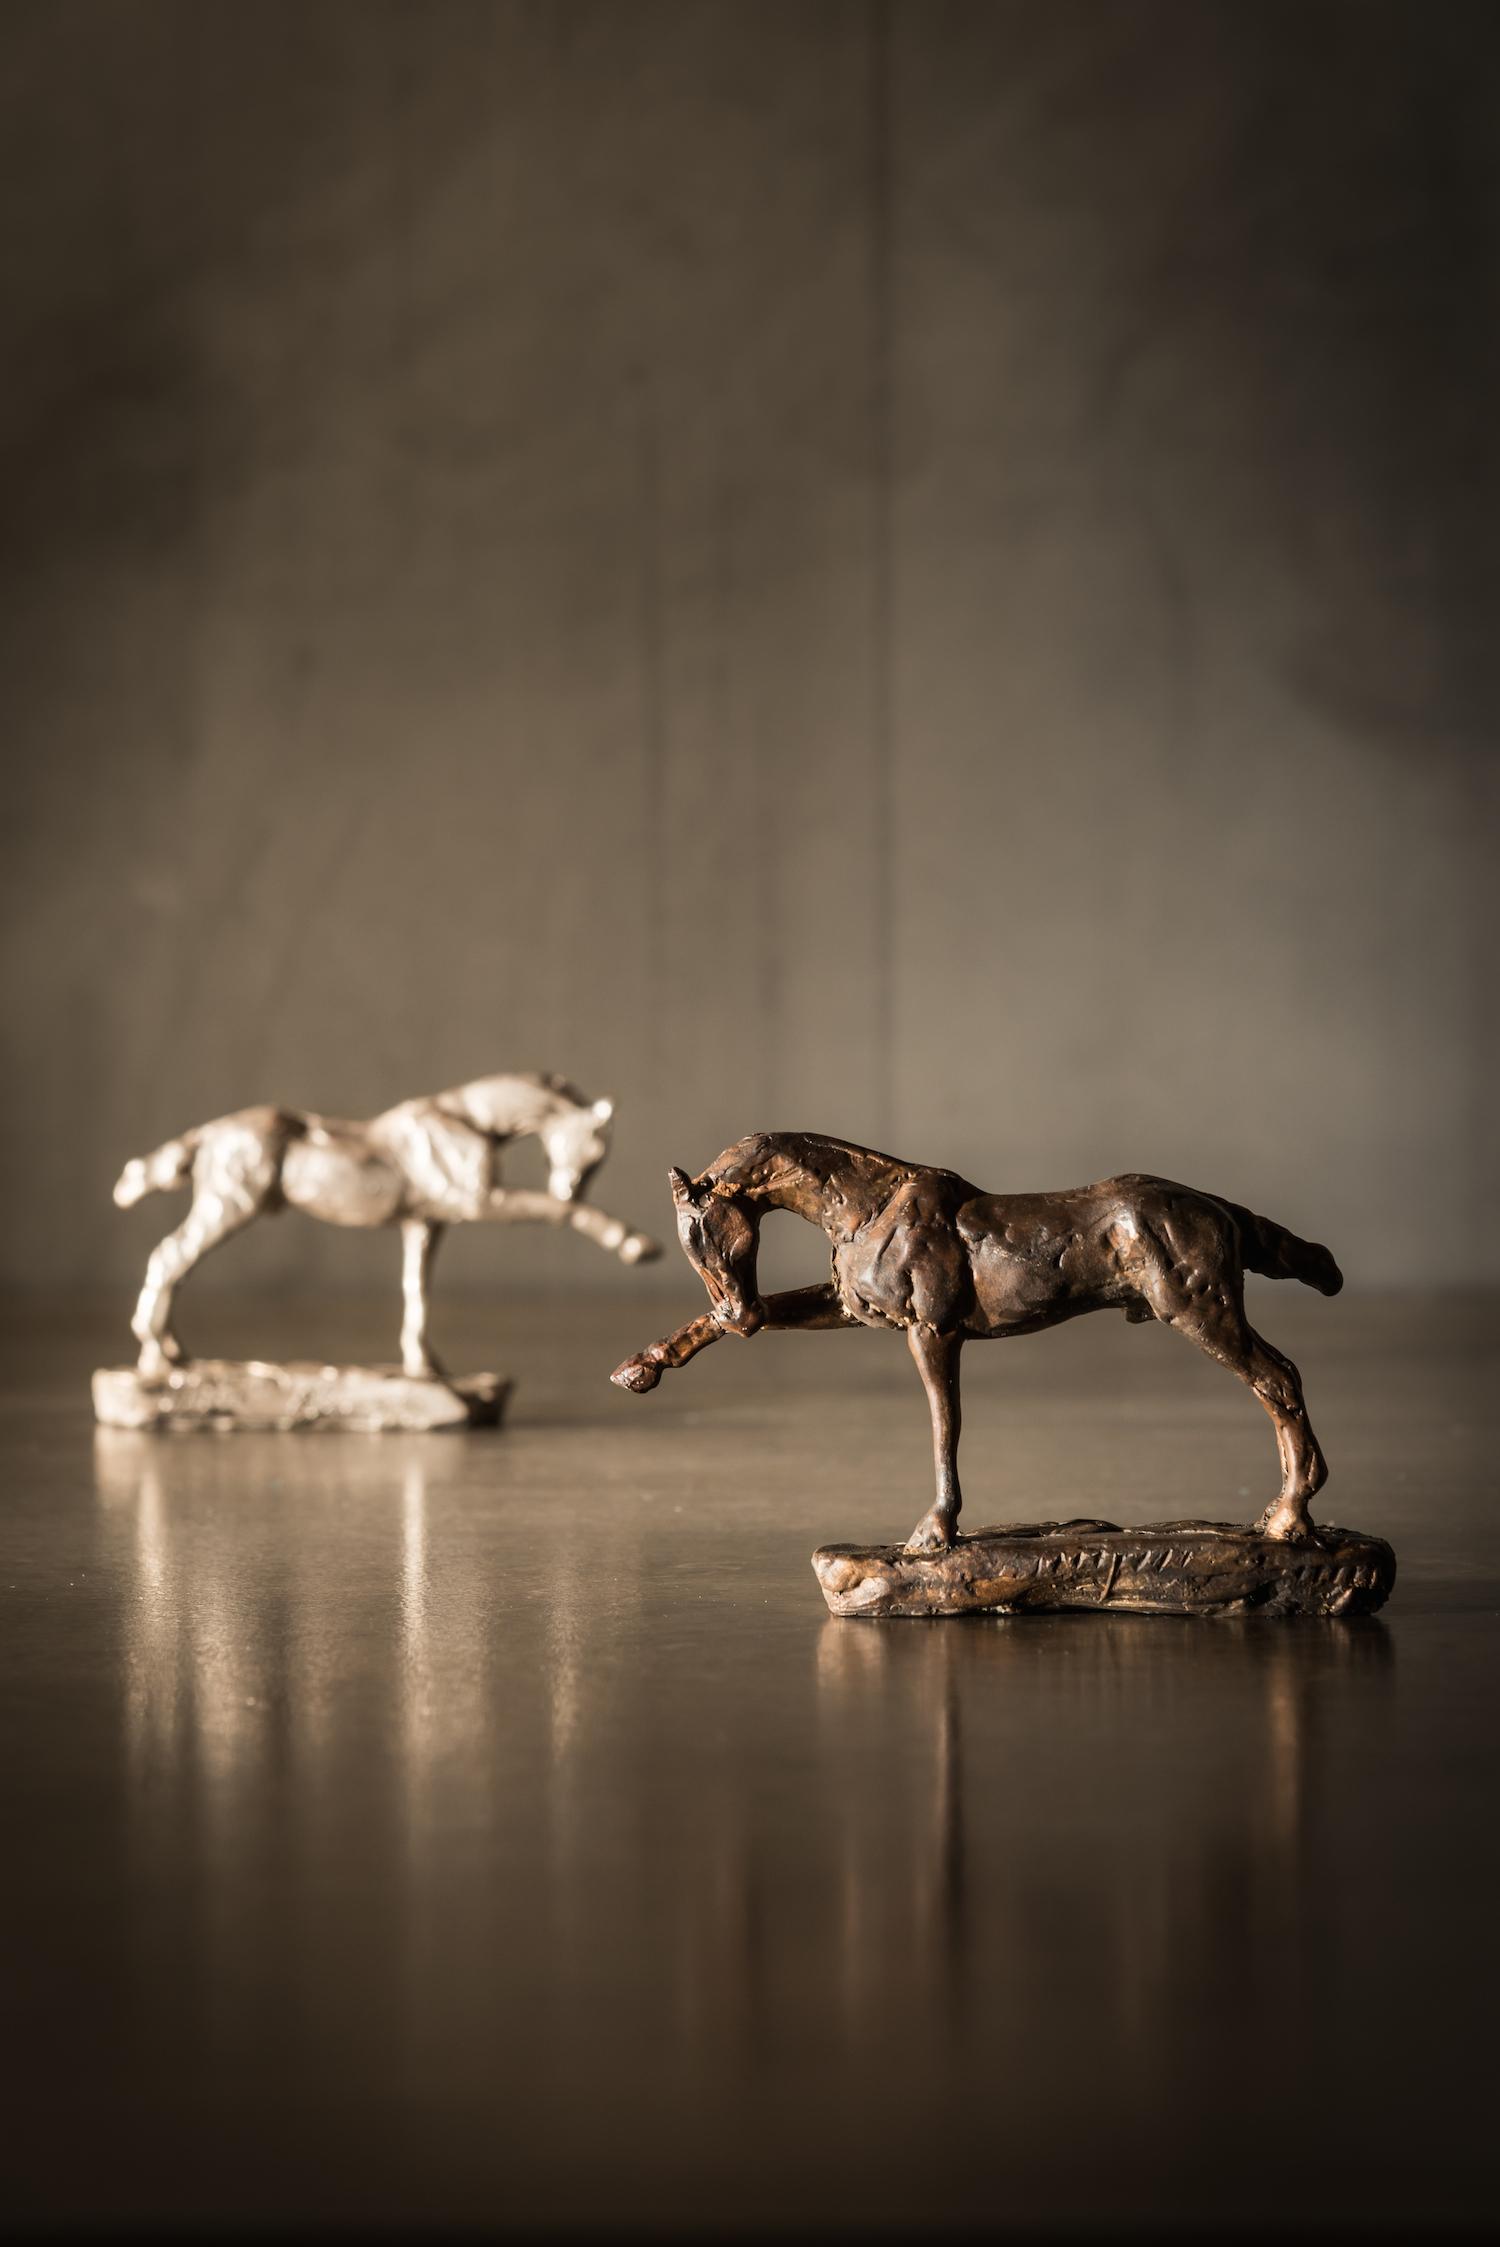 Focus l  Maquette  l Bronze  l  2x3x1  l  $350